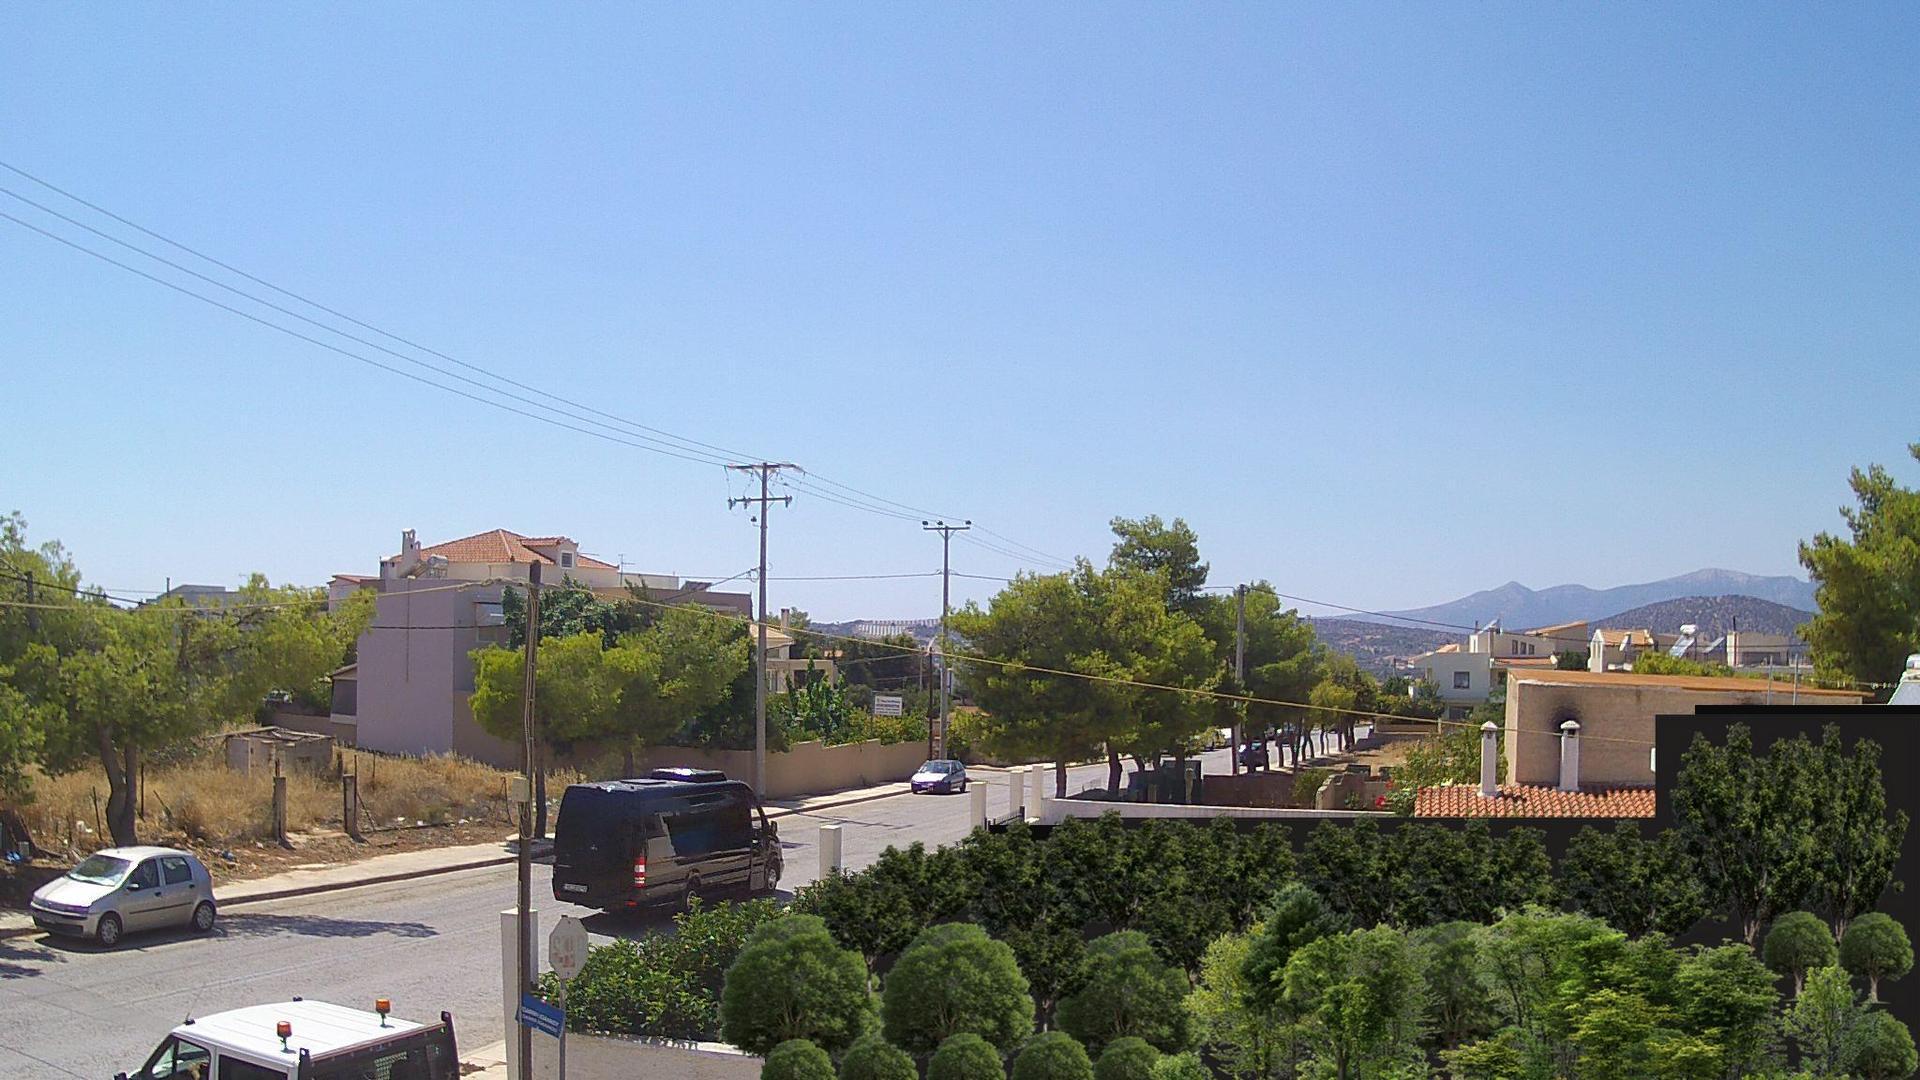 Webkamera Καλύβια Θορικού: Kalyvia Thorikou − Ymittos